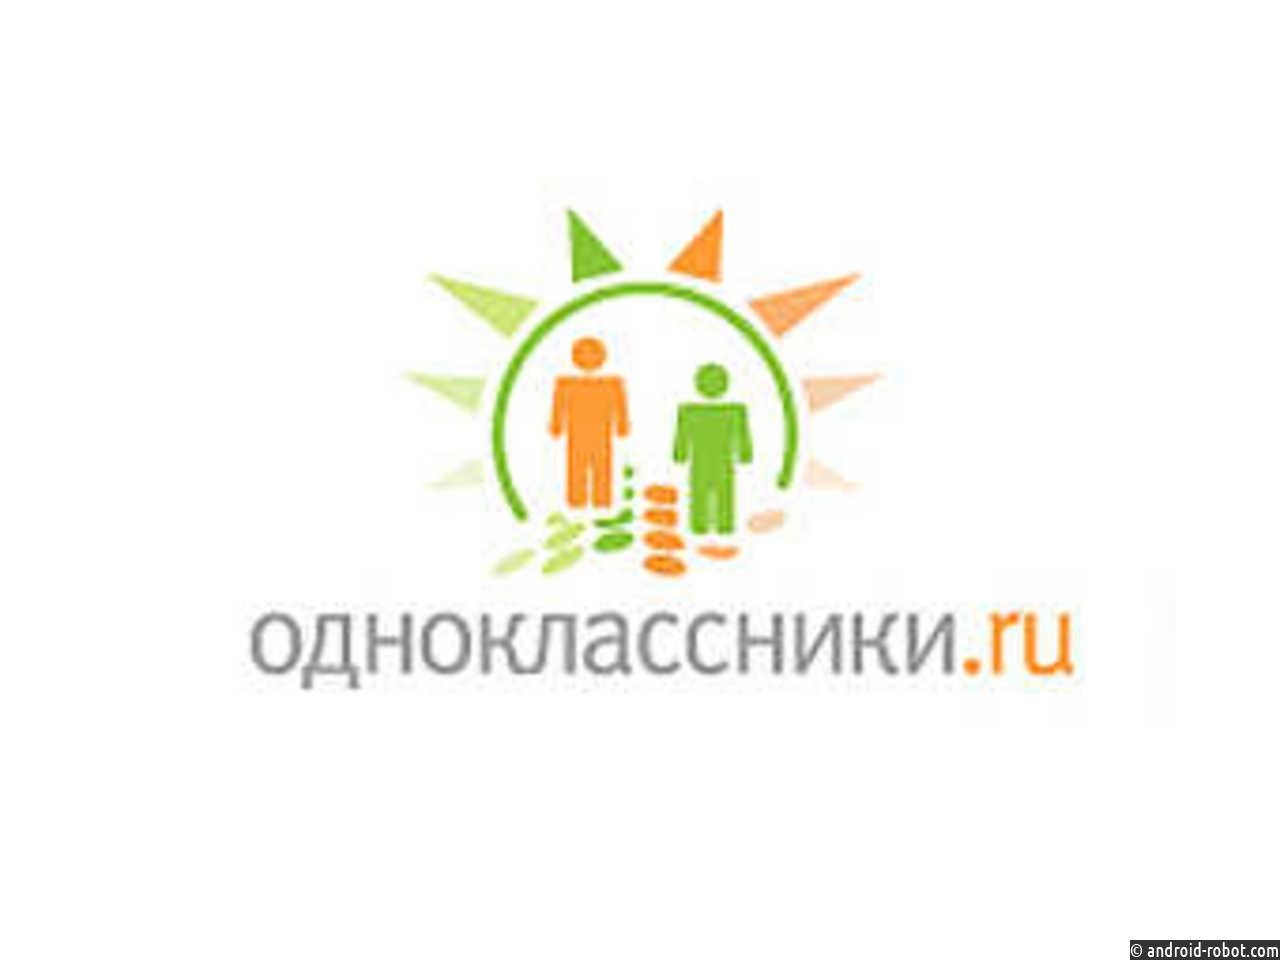 Новые функции Одноклассников: сообщения для групп иботы